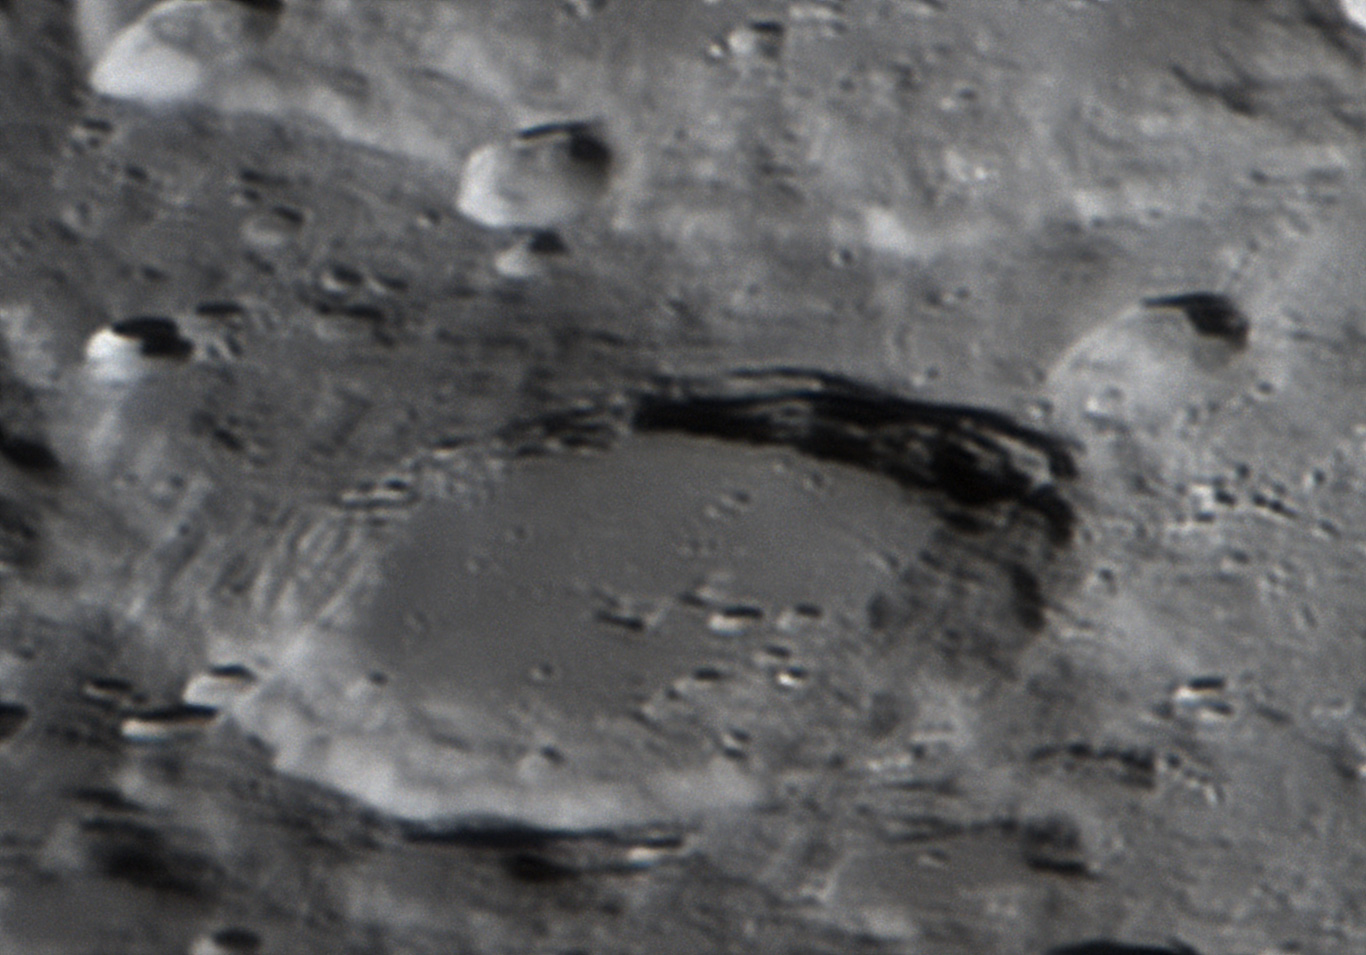 月面拡大撮影(合成焦点距離7577mm)